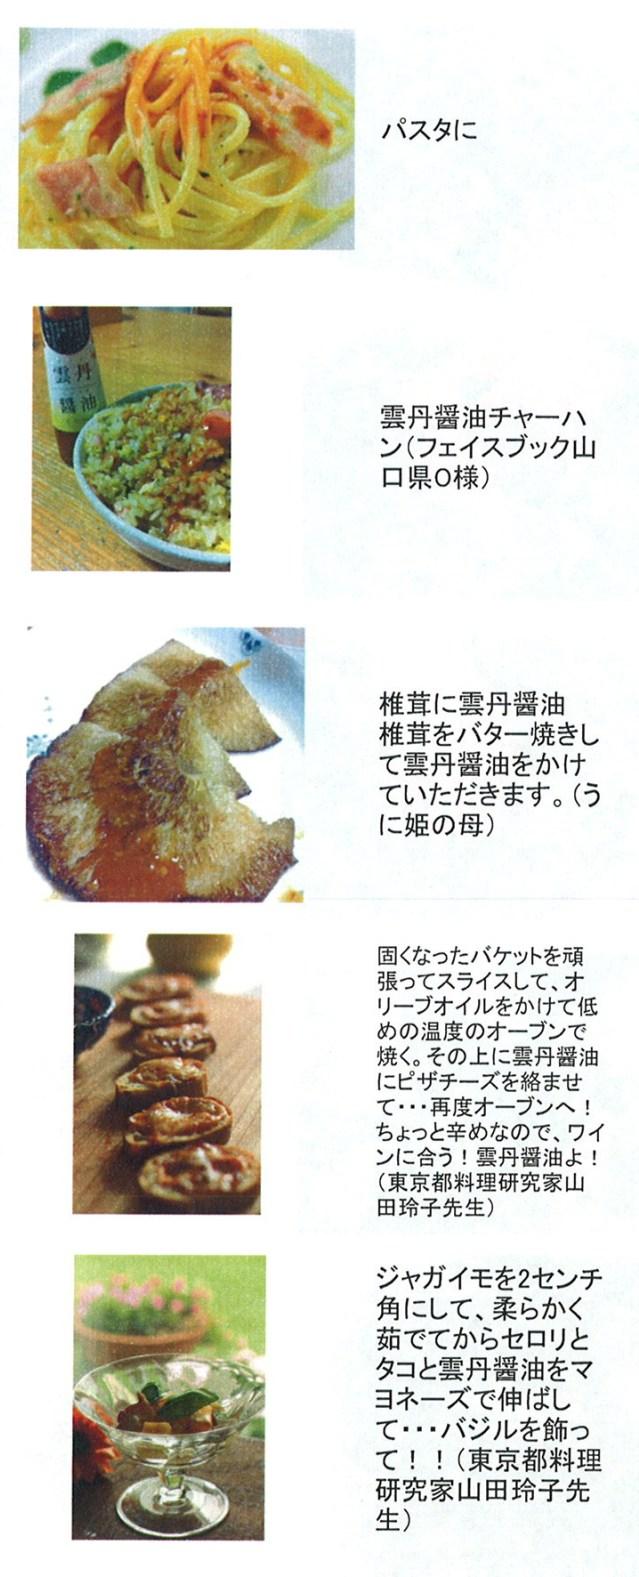 雲丹醤油レシピ4